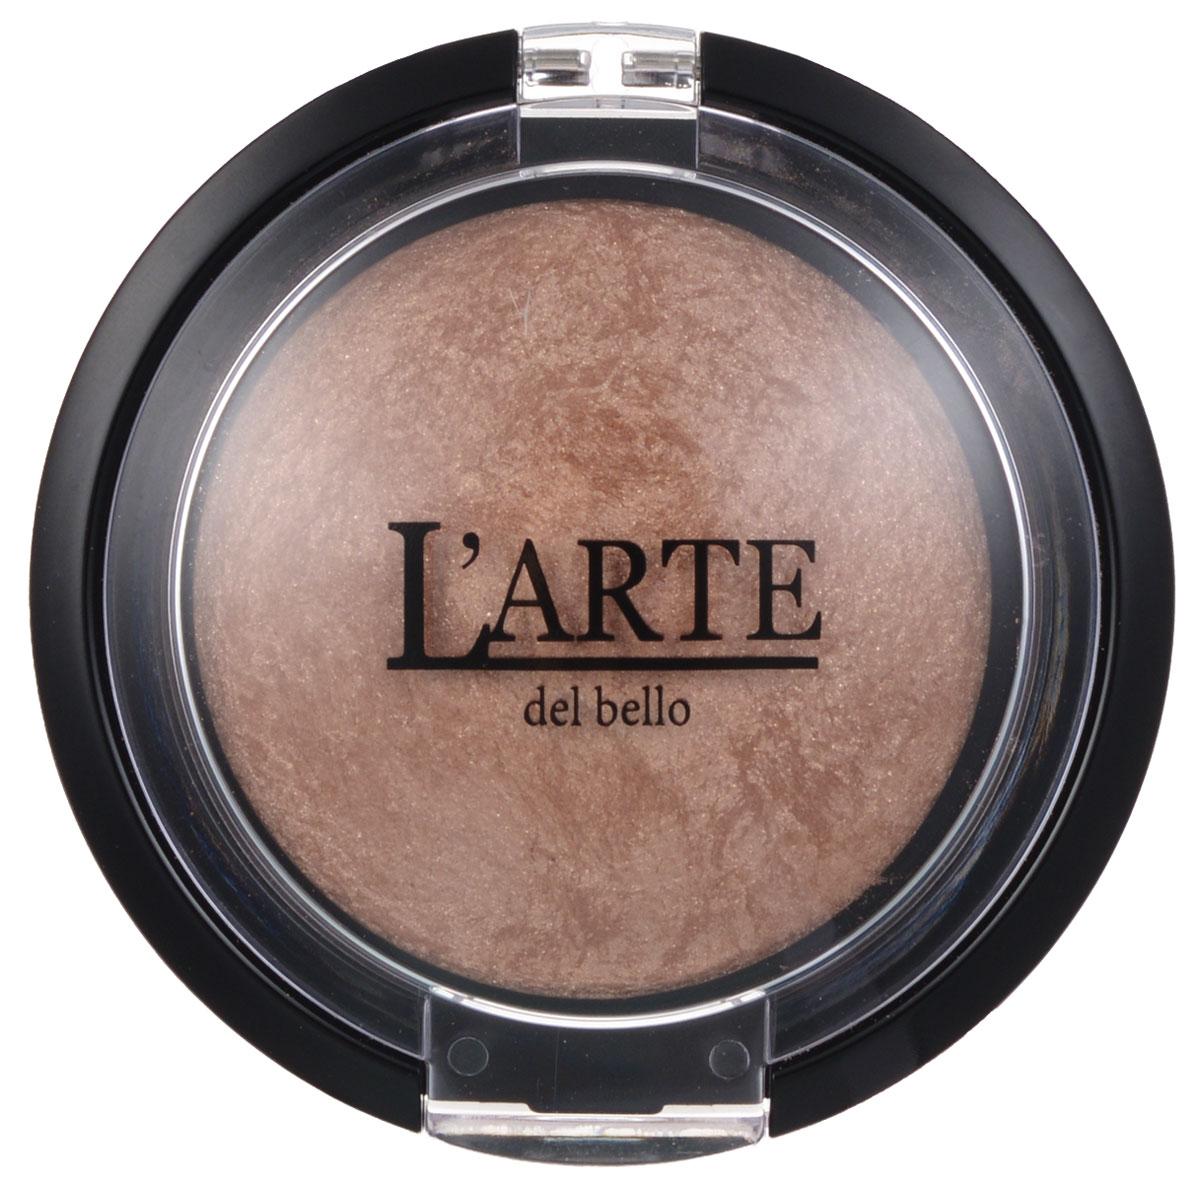 Larte del bello Румяна Velo Celeste, запеченные, тон 01 Нуга, 2,2 г2501Запеченные румяна от Larte del bello Velo Celeste, легкой и шелковистой текстуры, прекрасно наносятся на лицо. Входящие в состав масло жожоба и кукурузный экстракт увлажняют, питают, витаминизируют, смягчают и защищают кожу от вредных воздействий окружающей среды. Также кукурузный экстракт поглощает избыток жира в коже. Легкий мерцающий оттенок позволяет достигать разнообразное количество эффектов и способов использования - на открытые участки тела и зону декольте. Без парабенов. Товар сертифицирован.